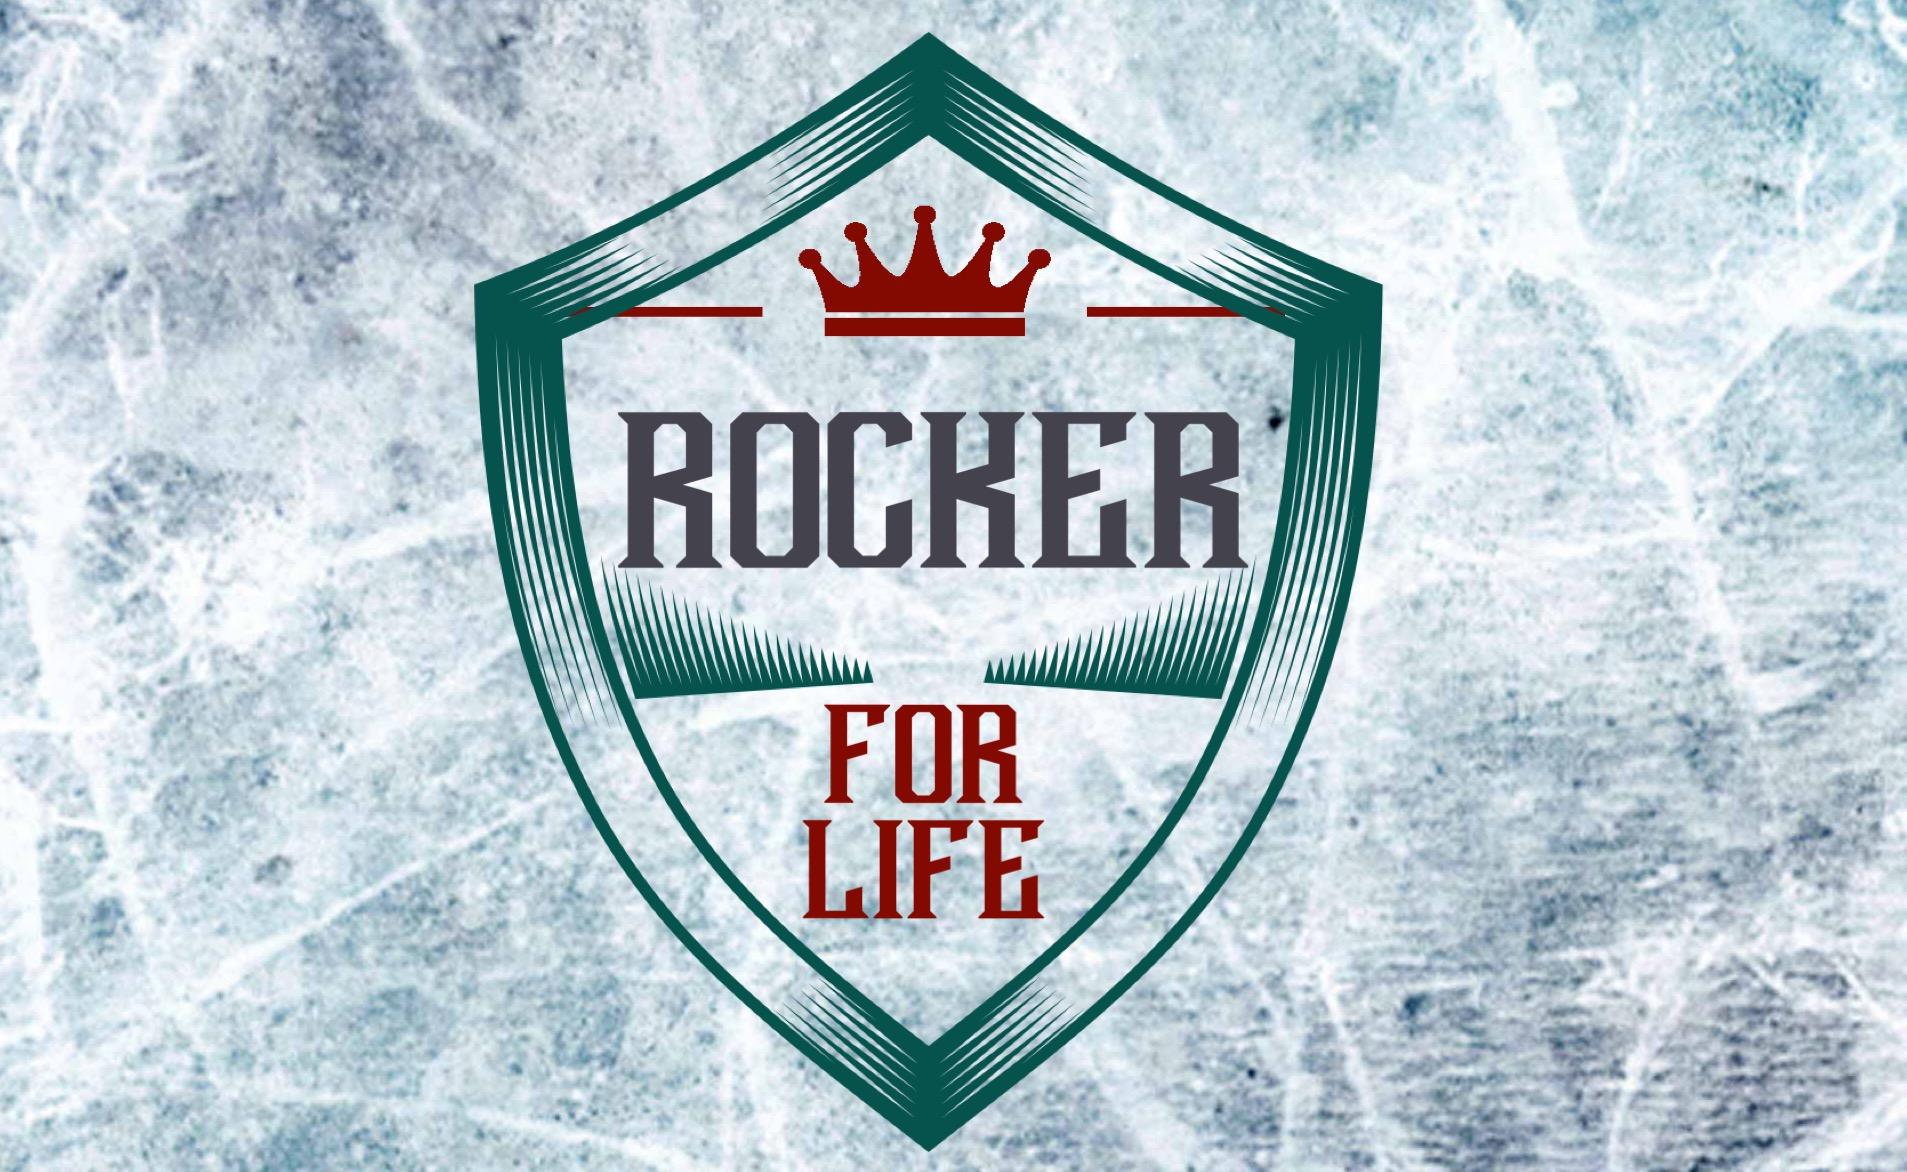 Rocker For Life!